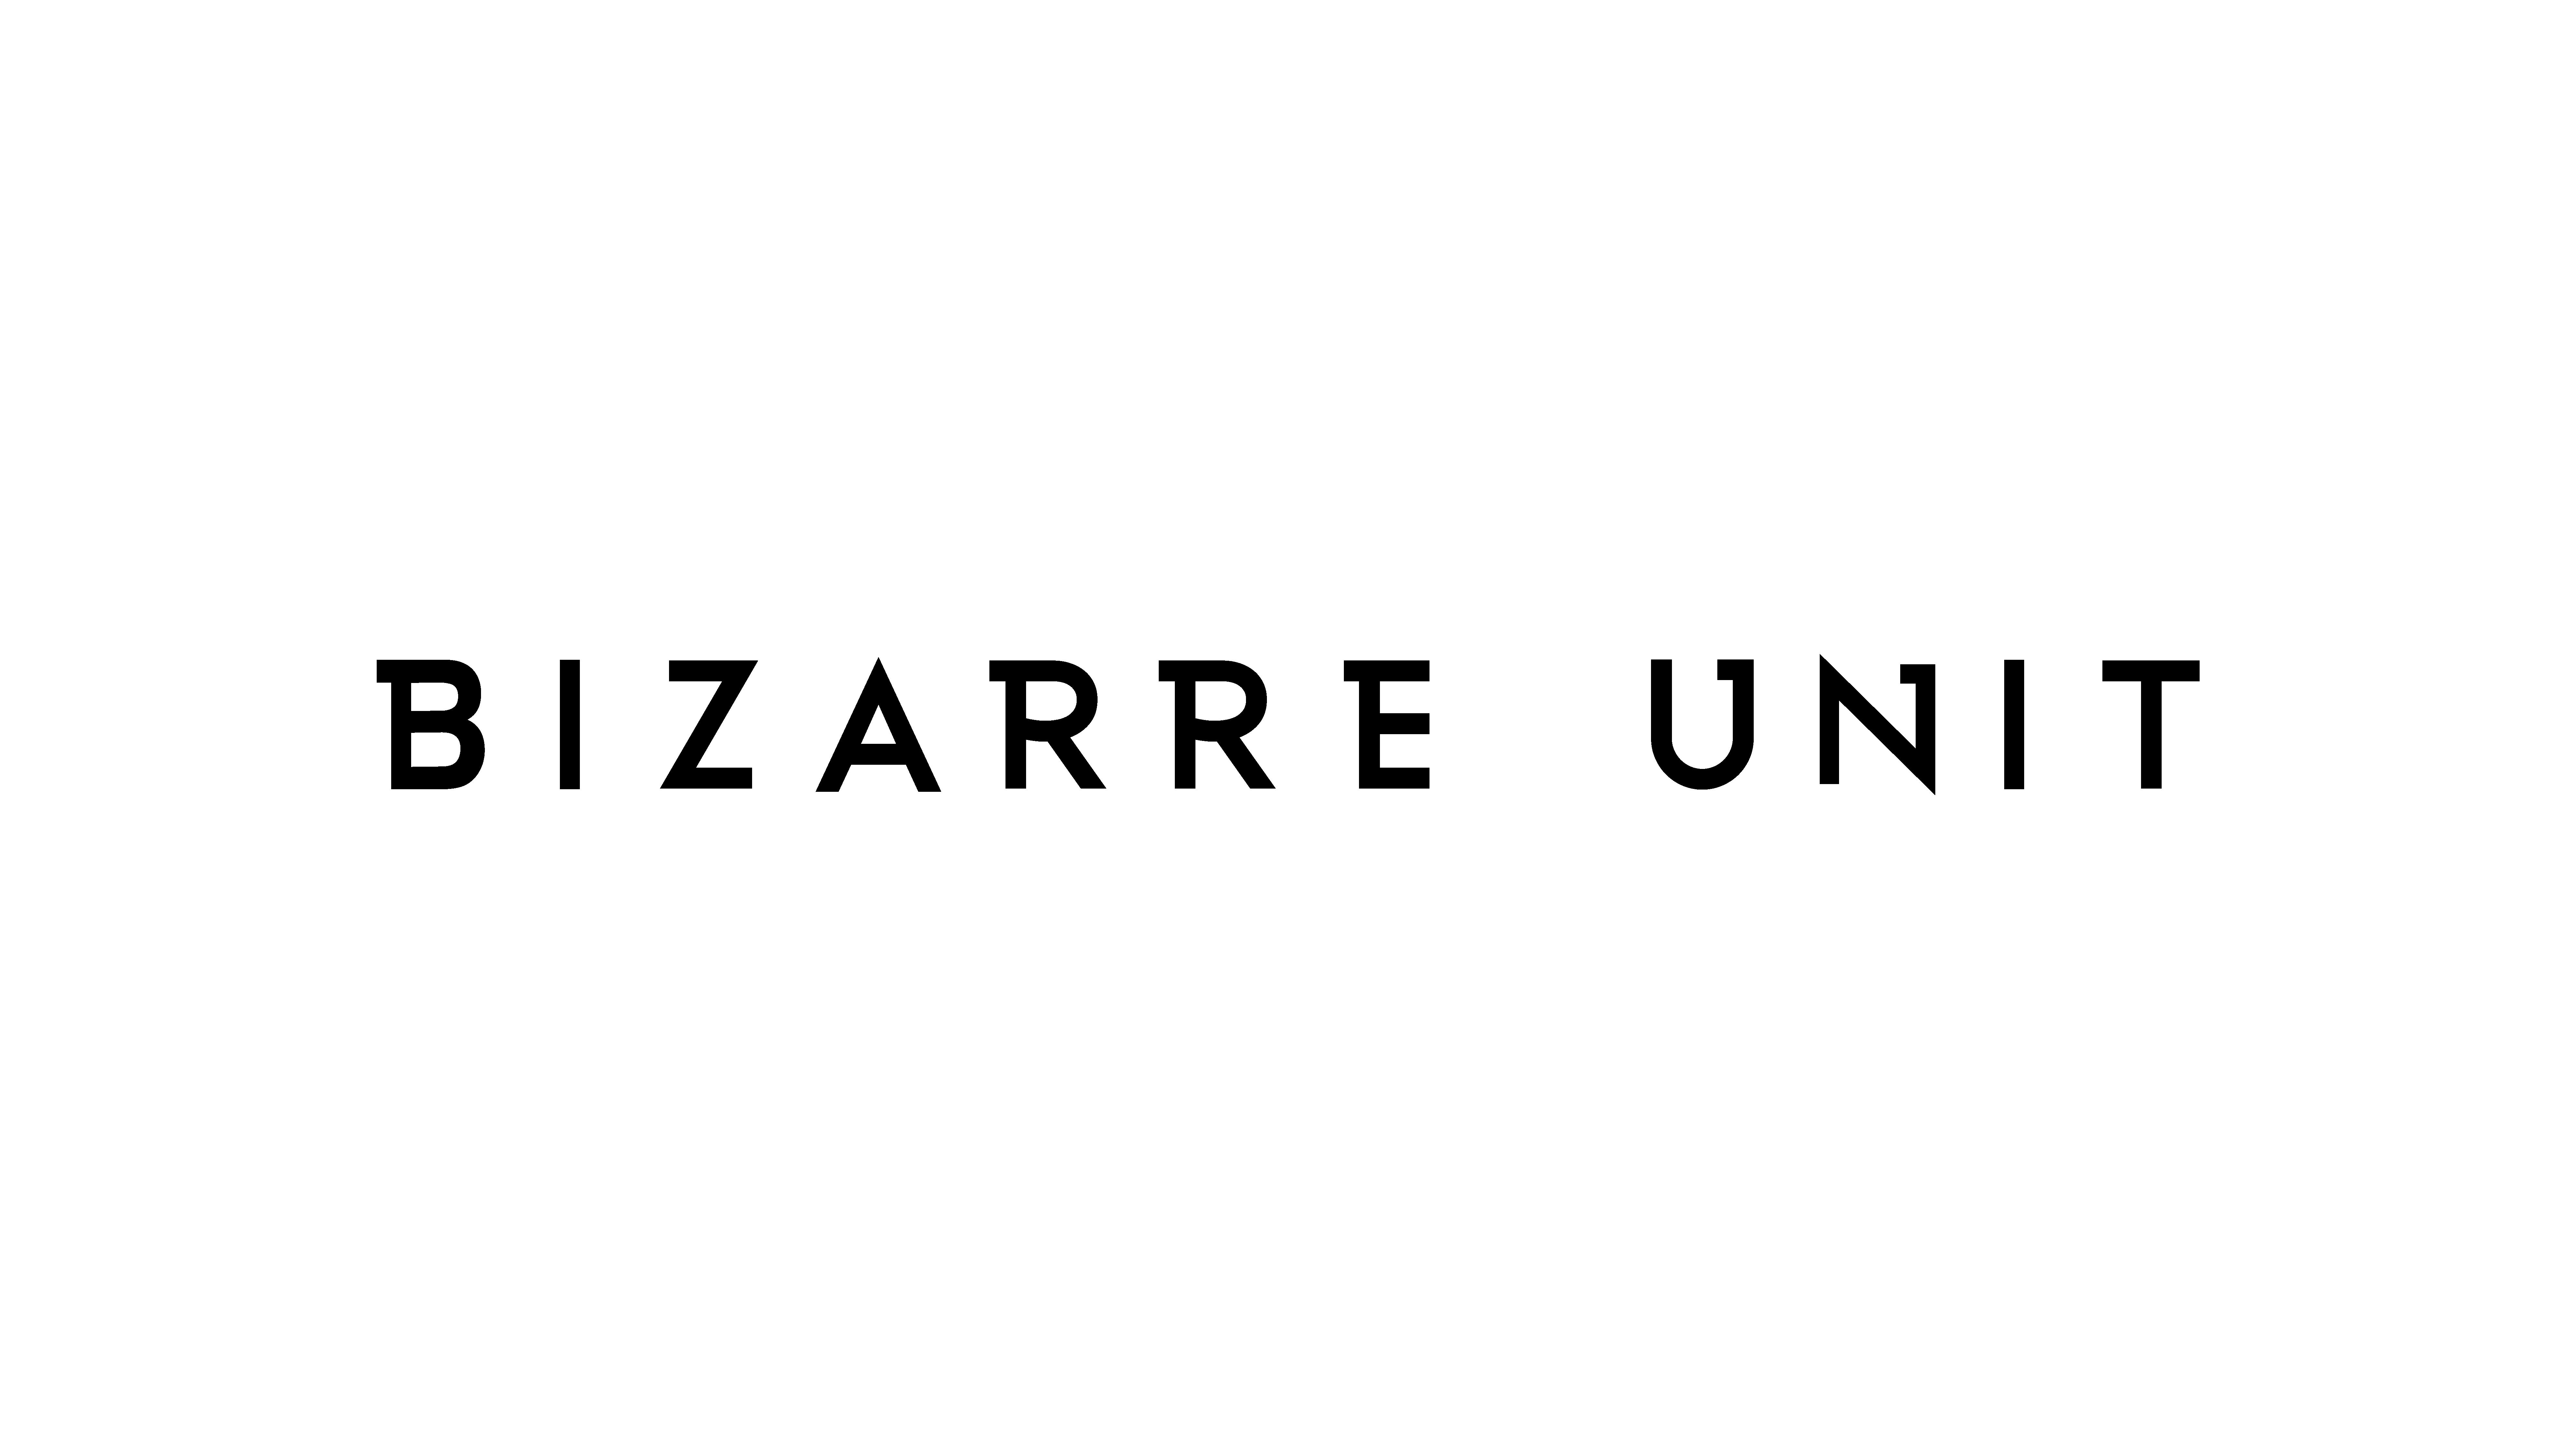 公司网站字体0917_画板 1 副本